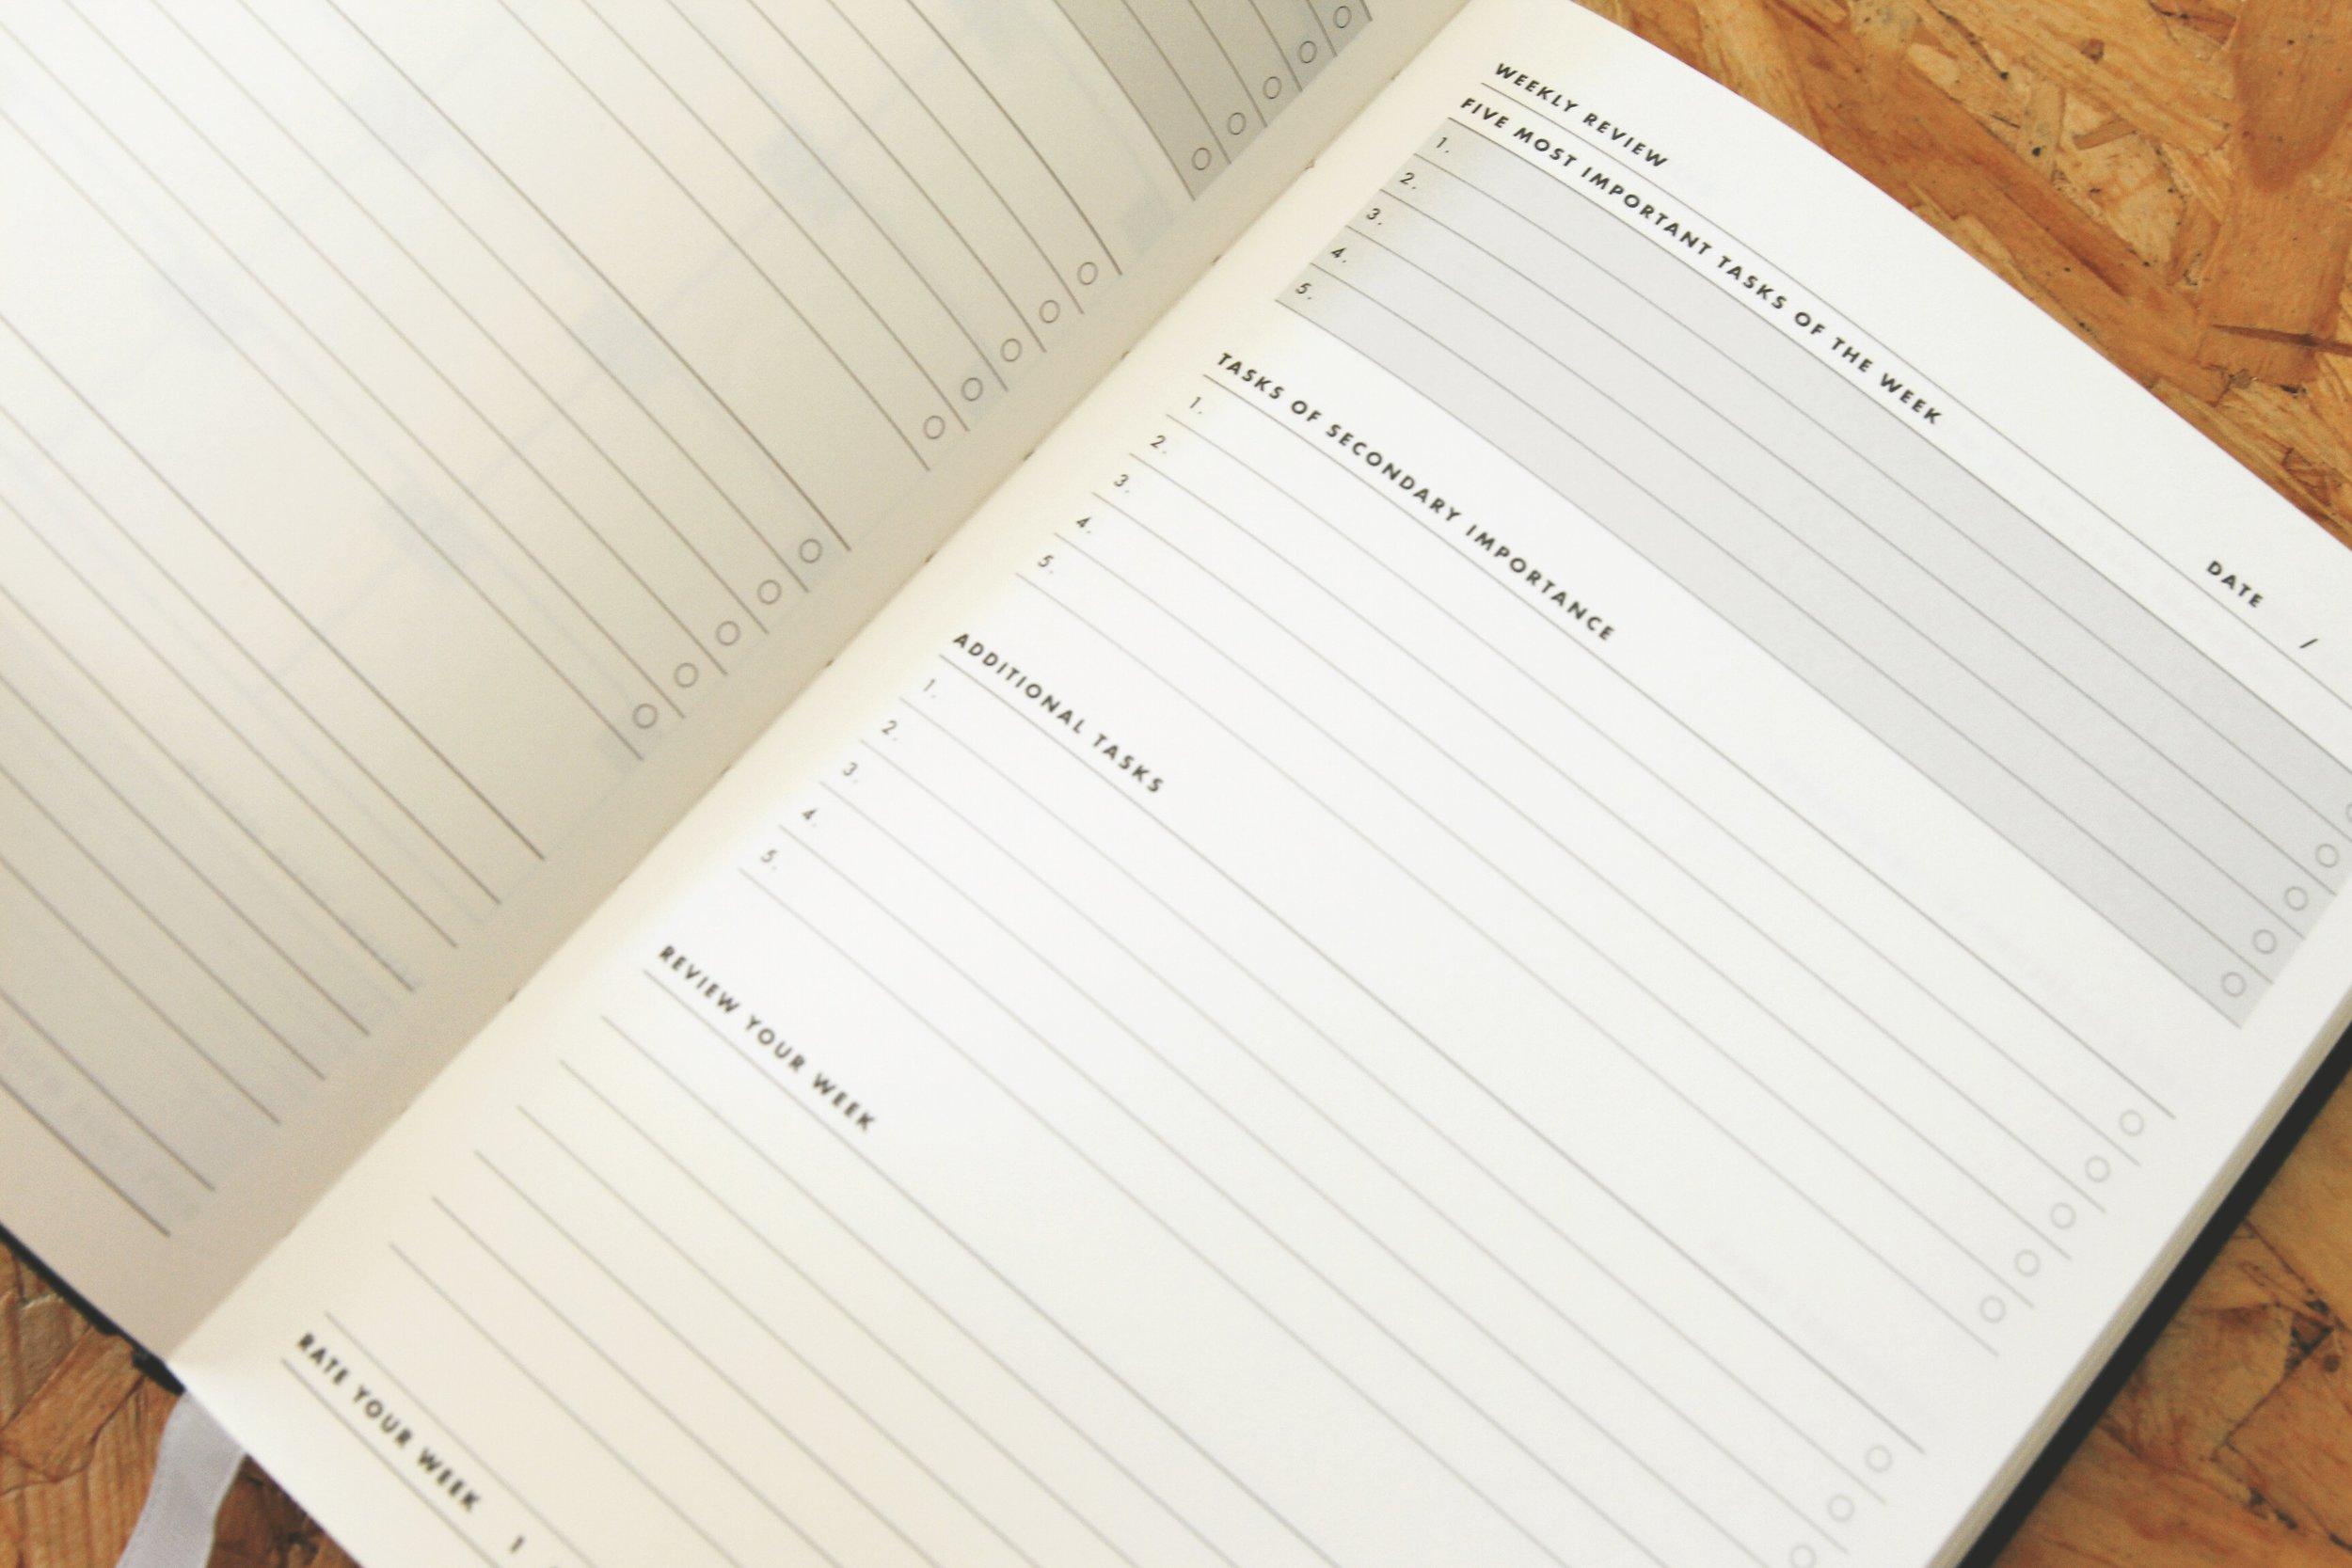 celine navarro daily goal setter planner 06.JPG